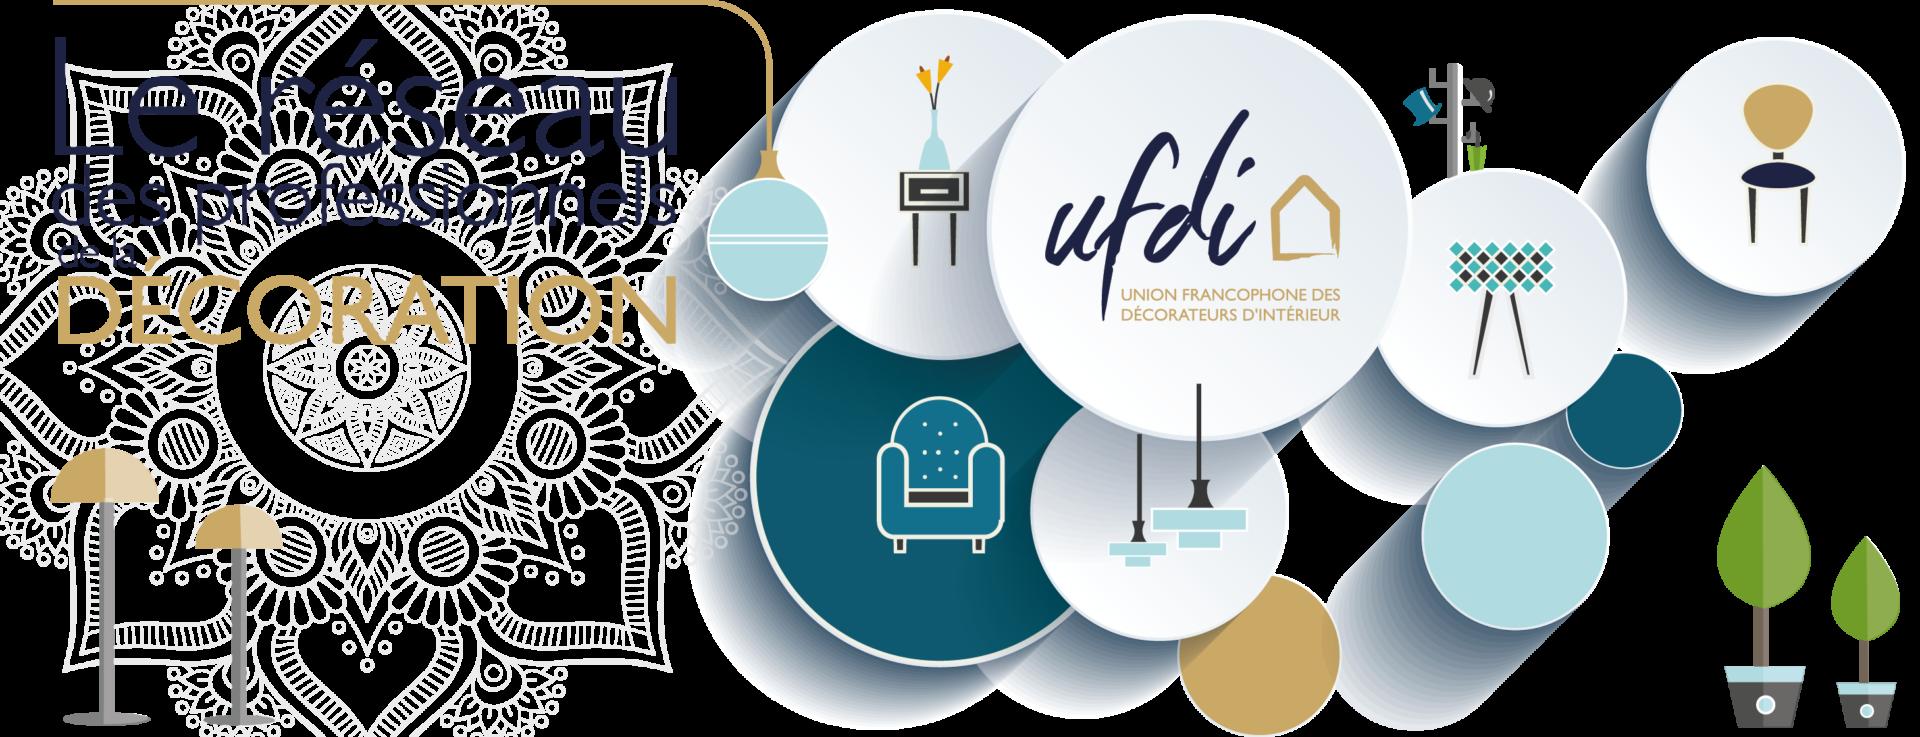 le réseau UFDI des professionnels de la décoration : l'Union francophone des Décorateurs d'intérieur